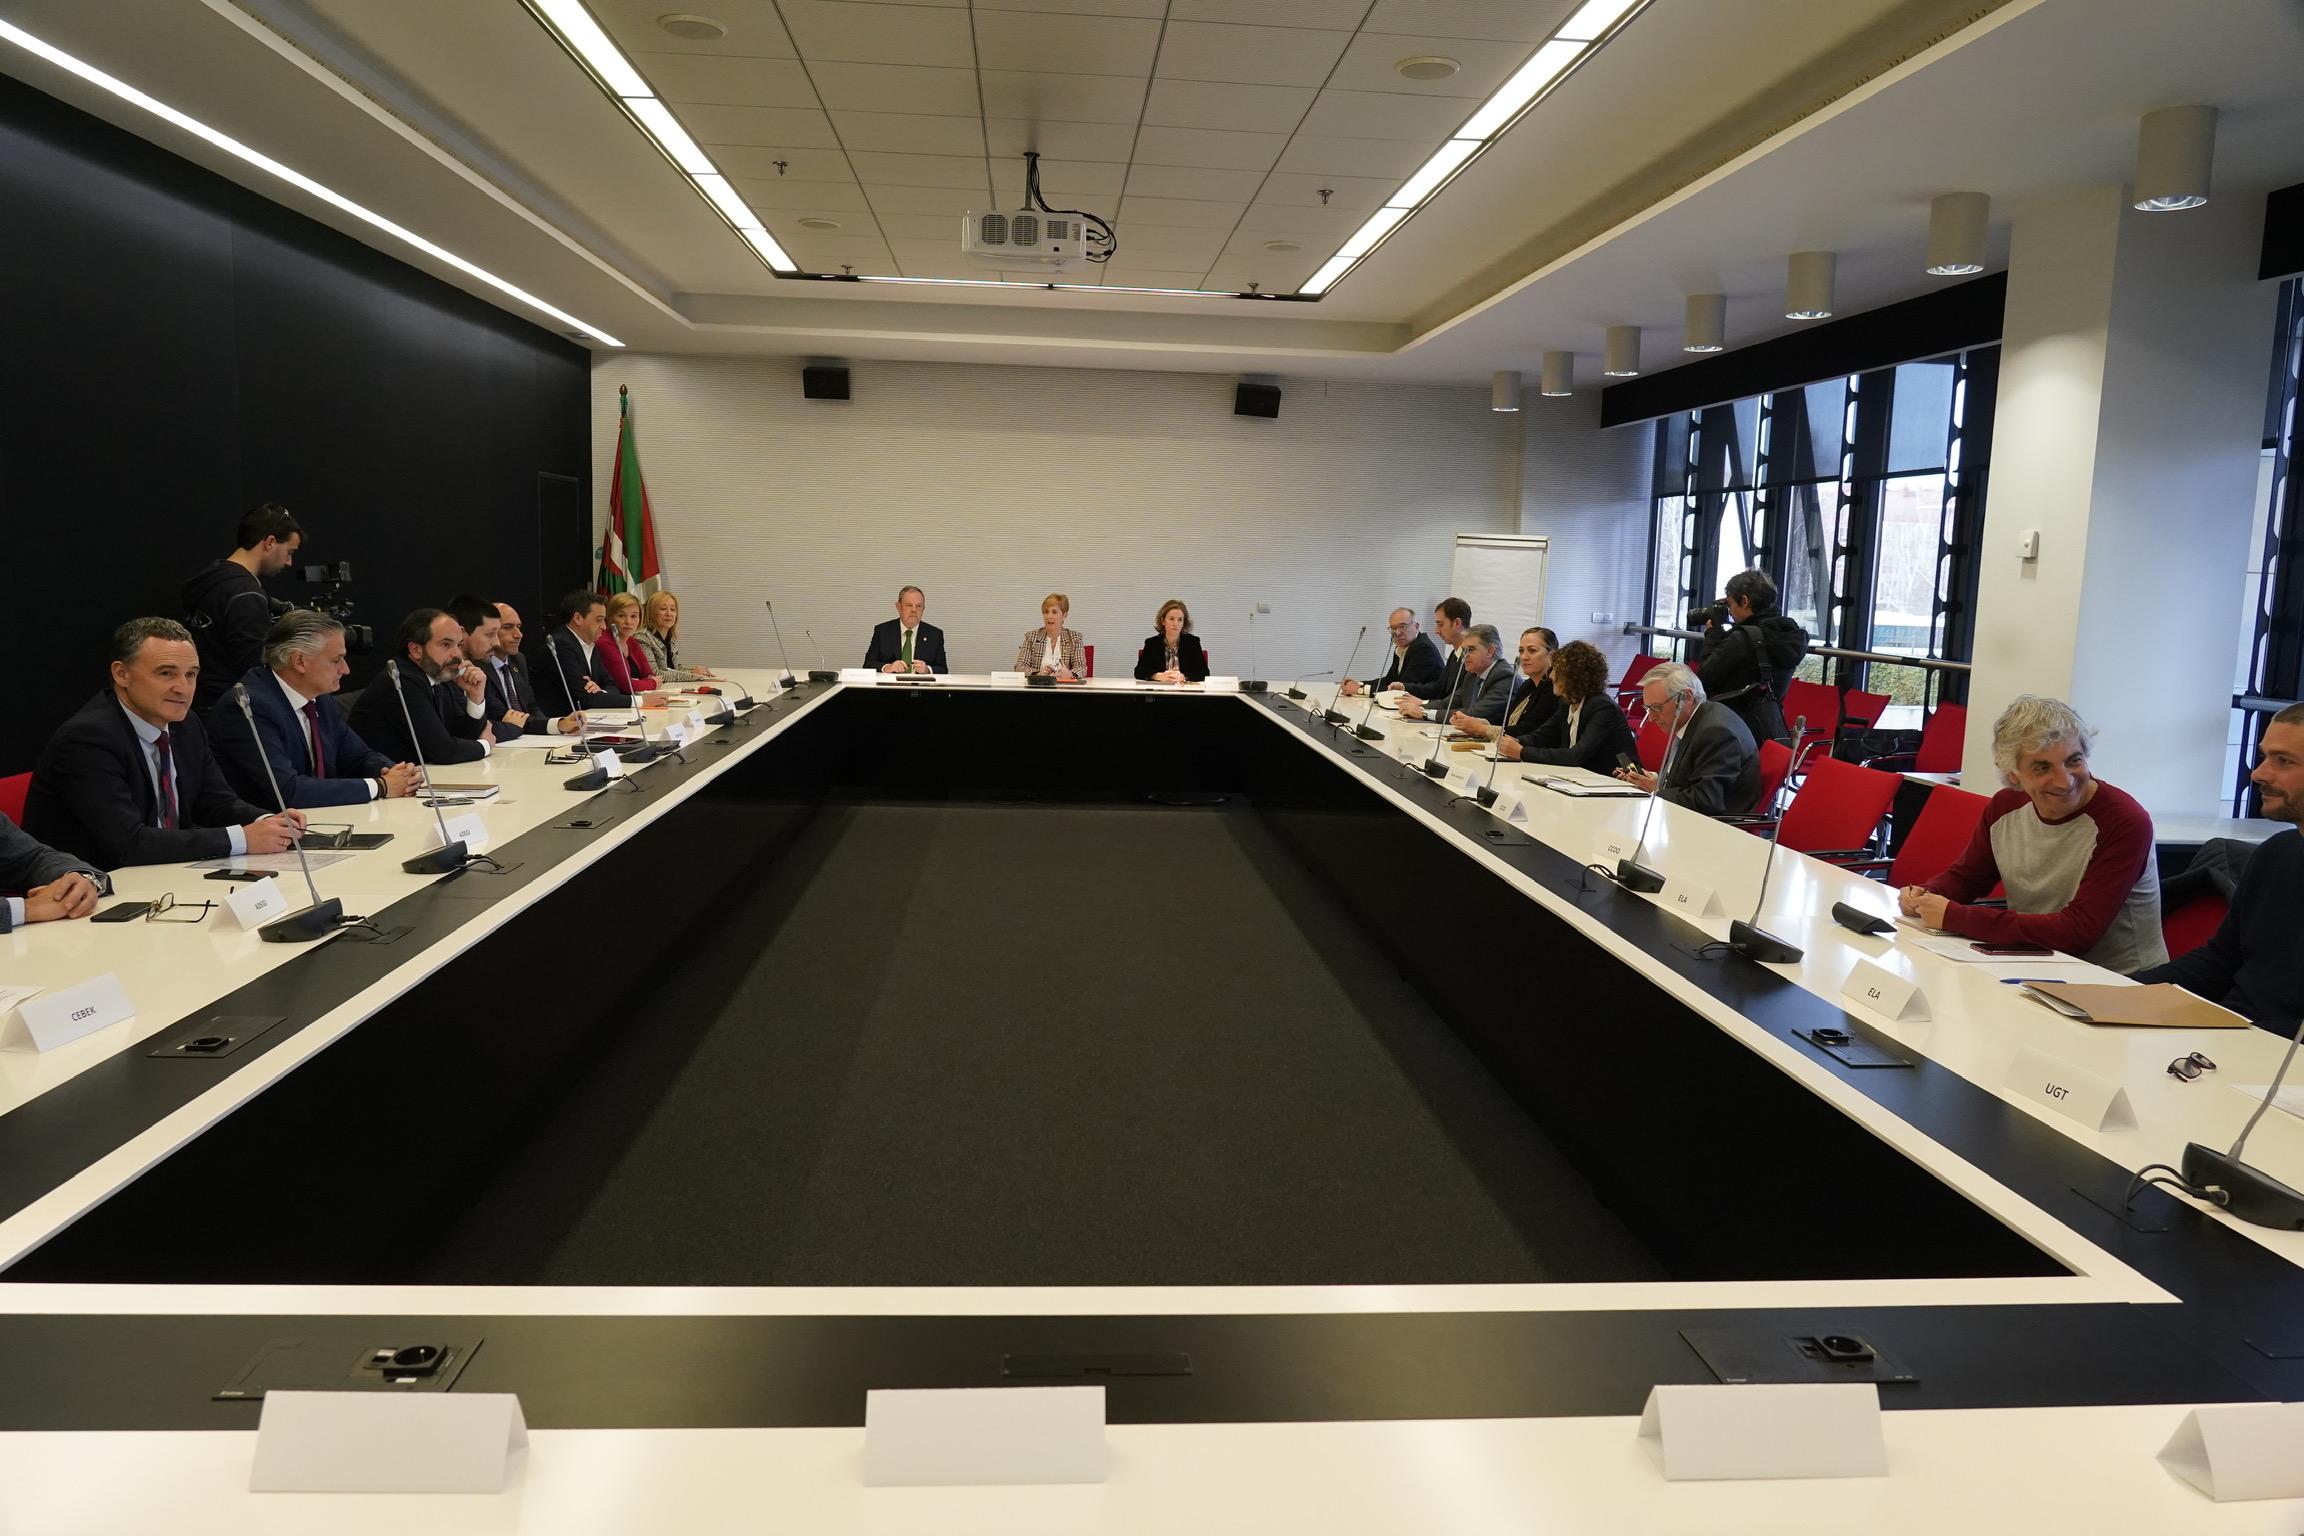 El Gobierno Vasco prepara la economía vasca para el posible impacto del COVID-19  [16:53]